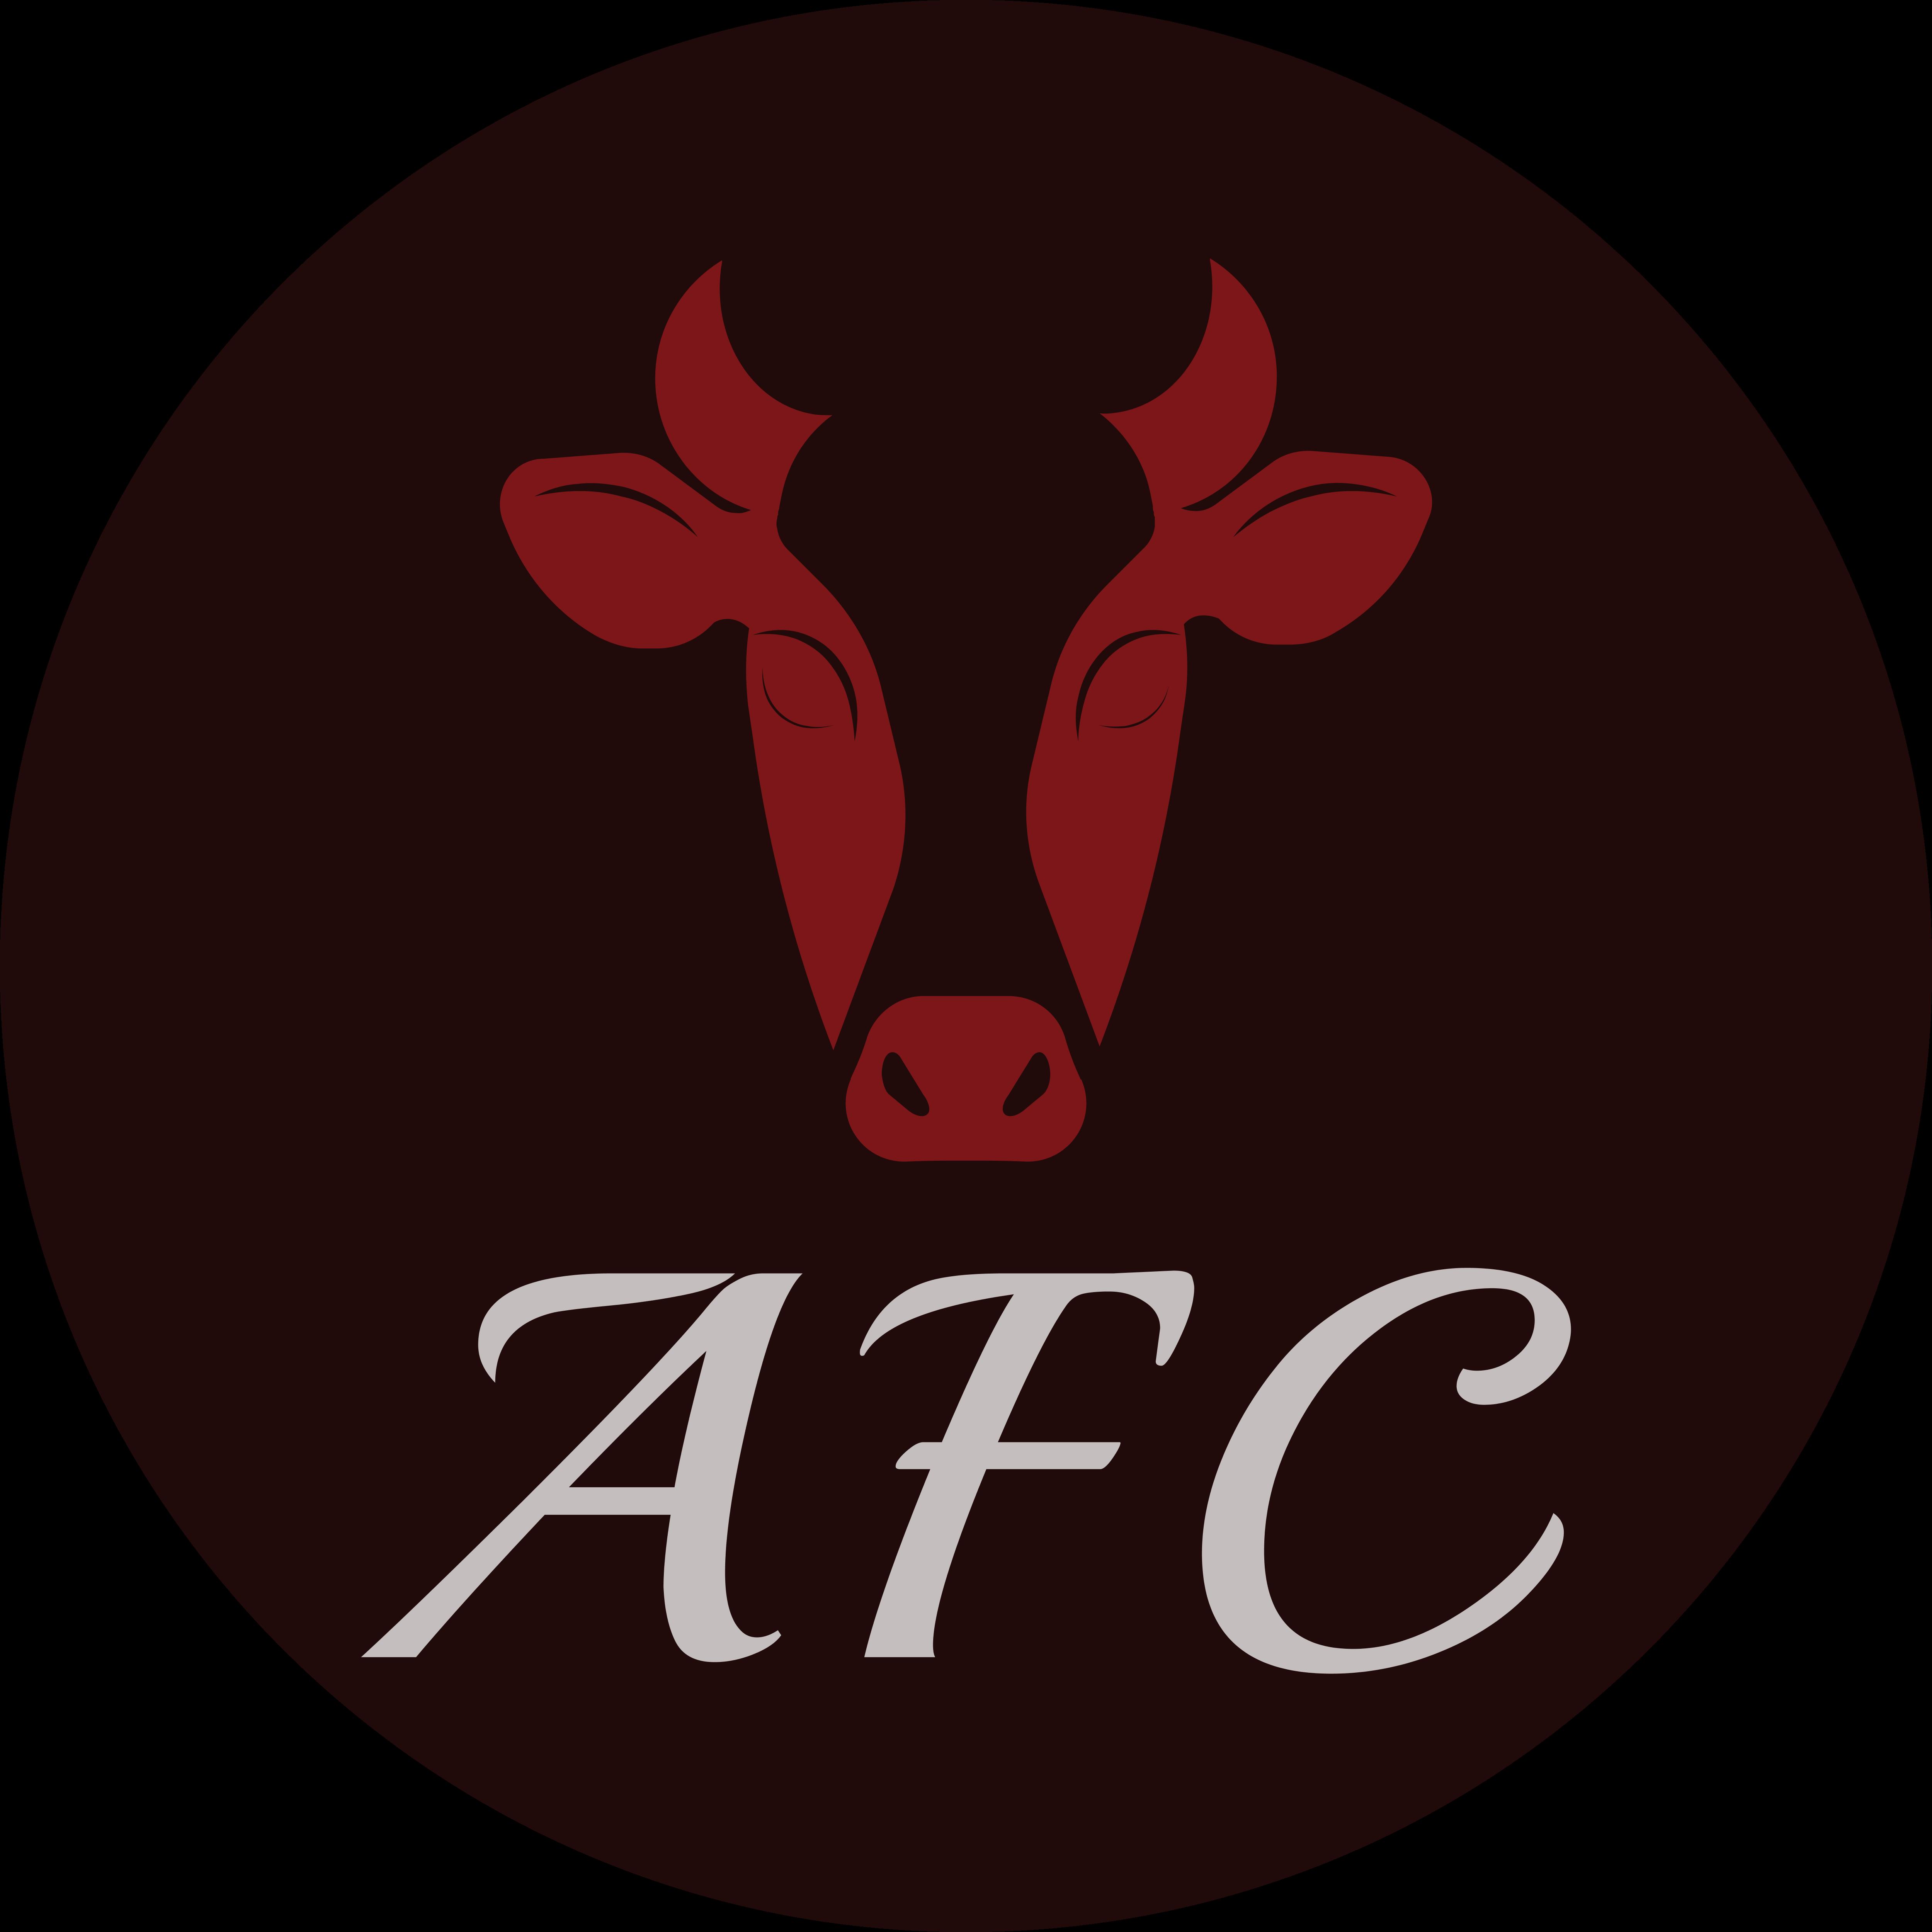 #AFC GLOBAL